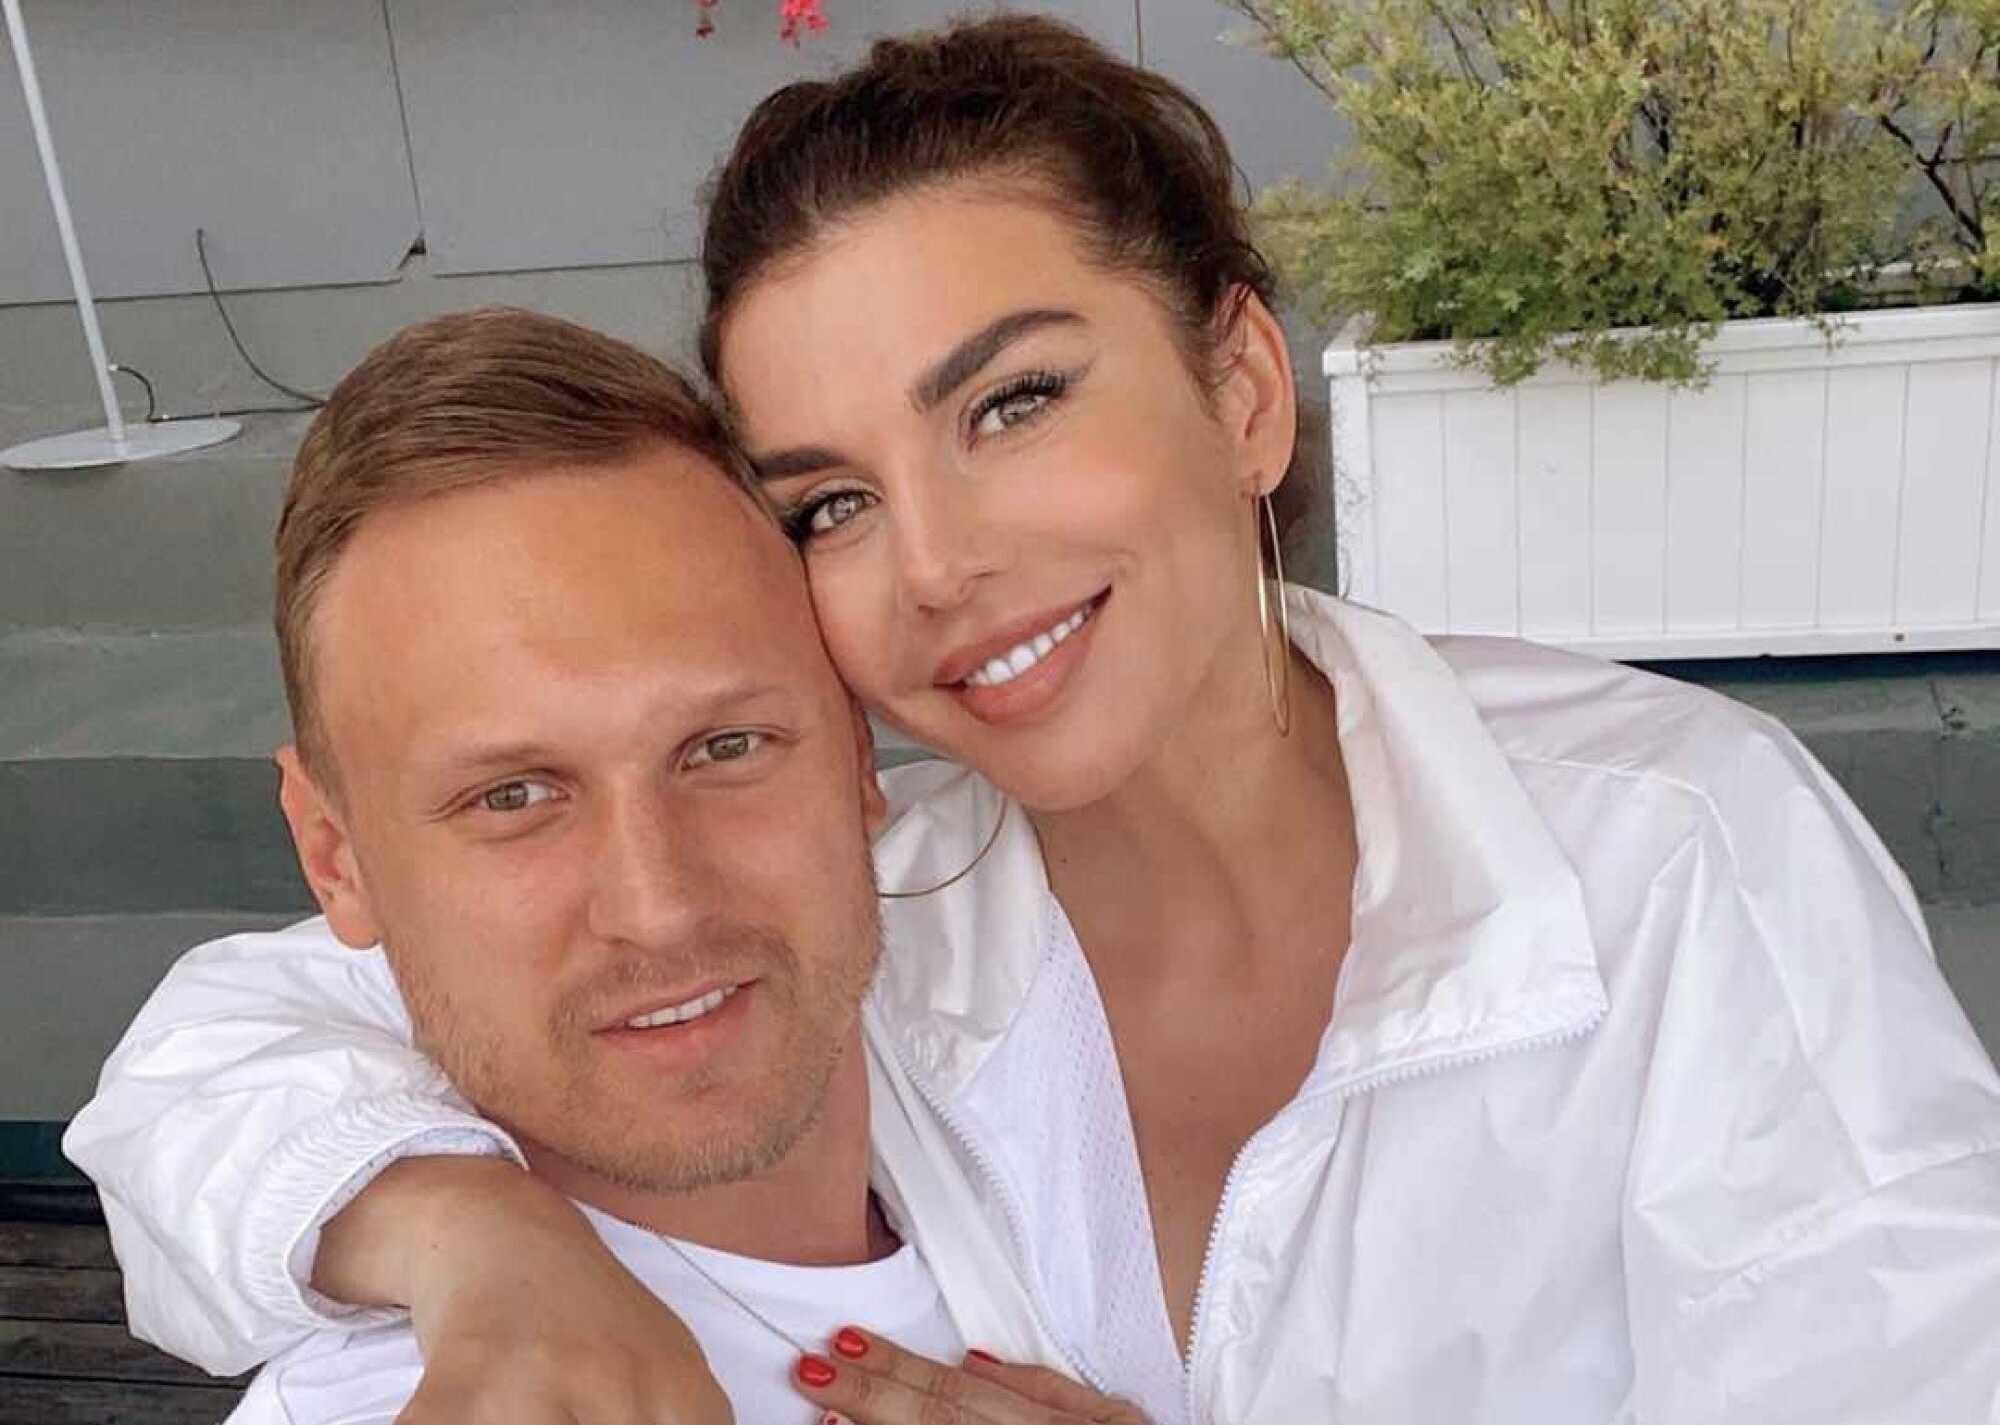 Анна Седокова призналась, что они с Янисом Тиммой неоднократно расставались и она пьяная убегала от него из дома в одних носках